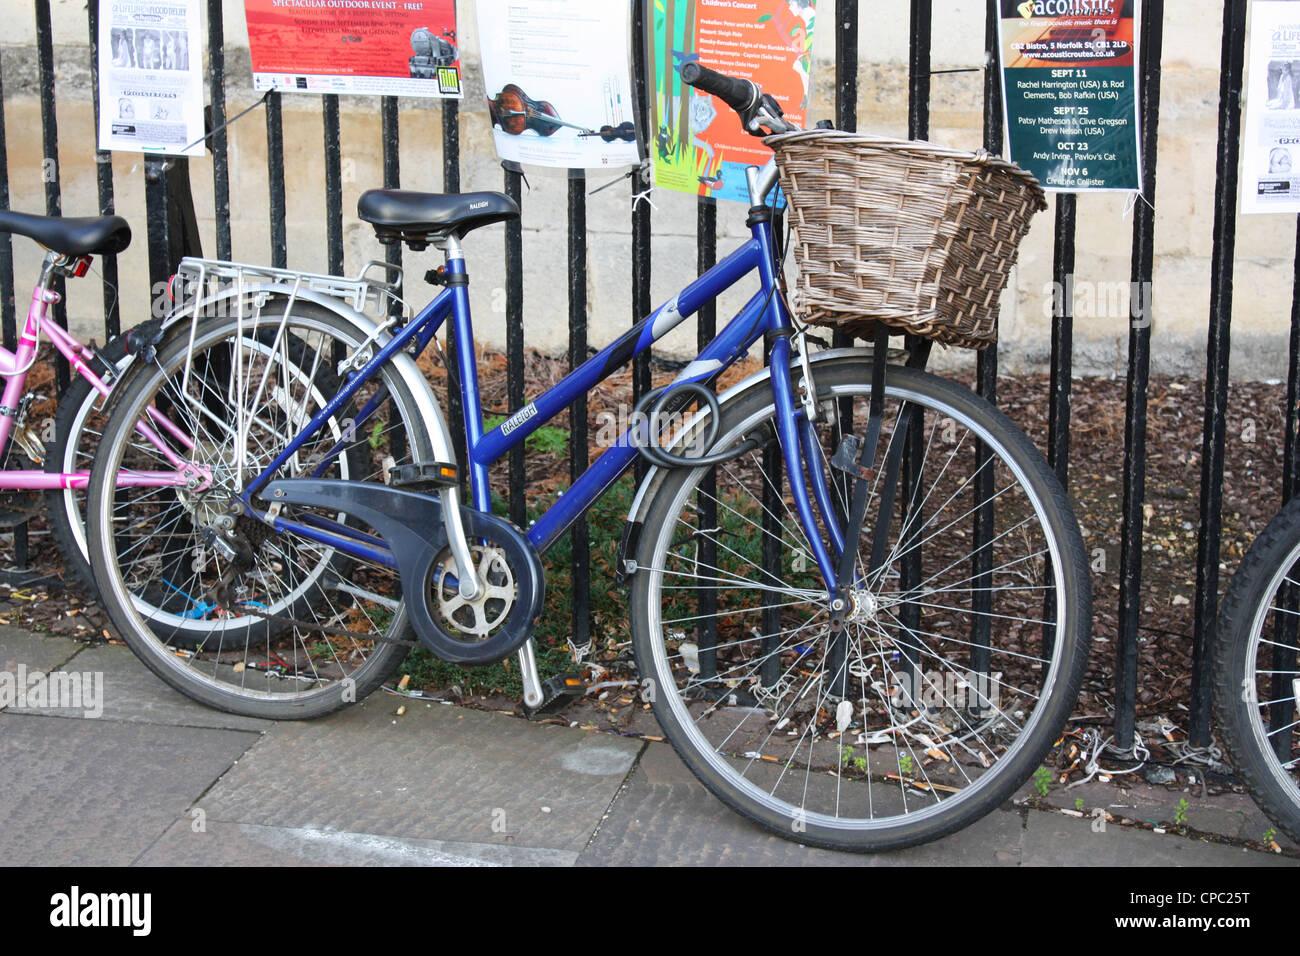 Bicycles in Cambridge, UK Stock Photo